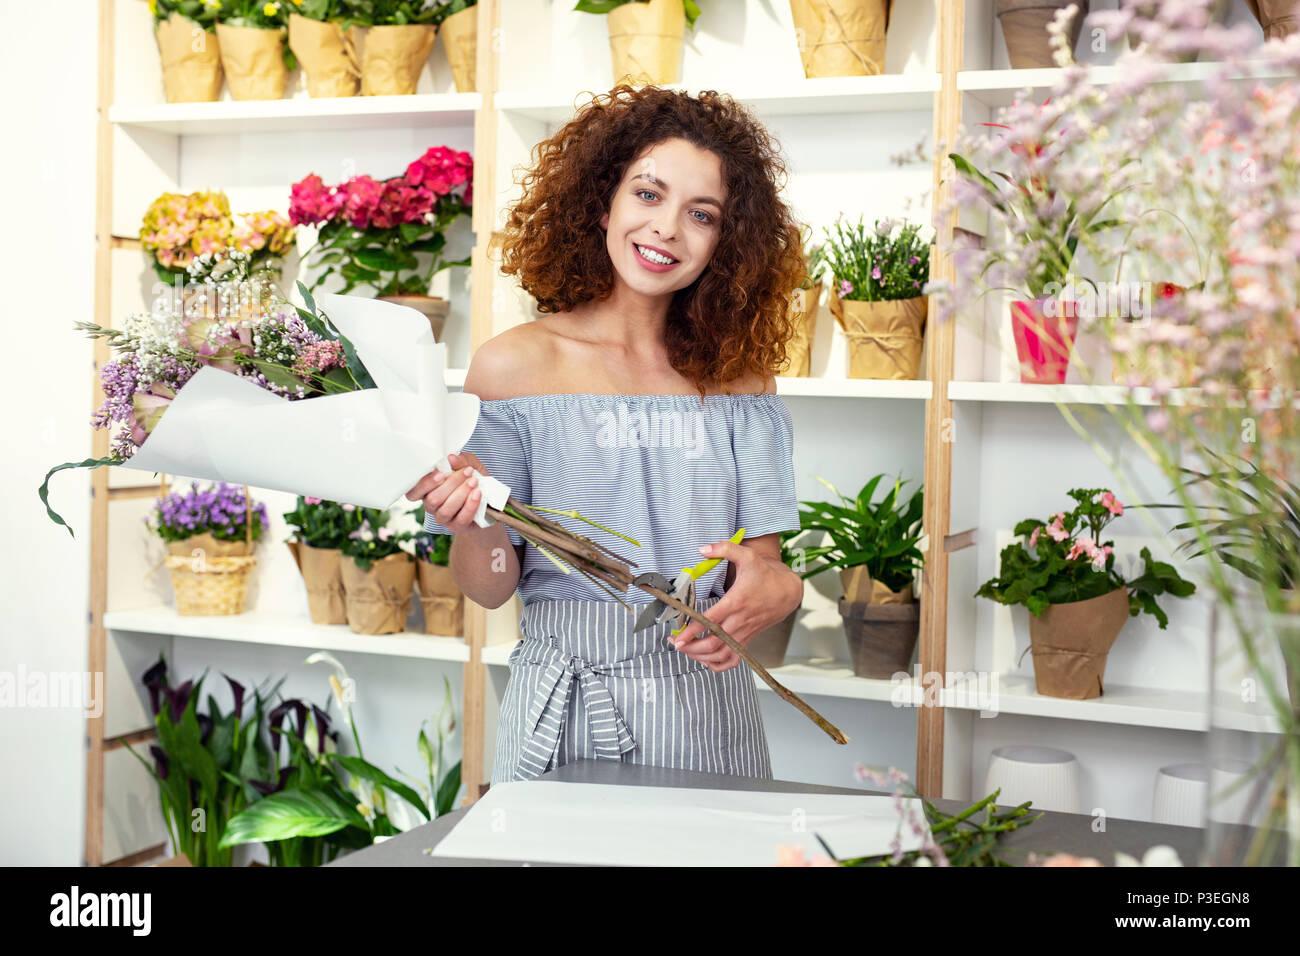 Fleuriste joyeuse happy smiling Photo Stock